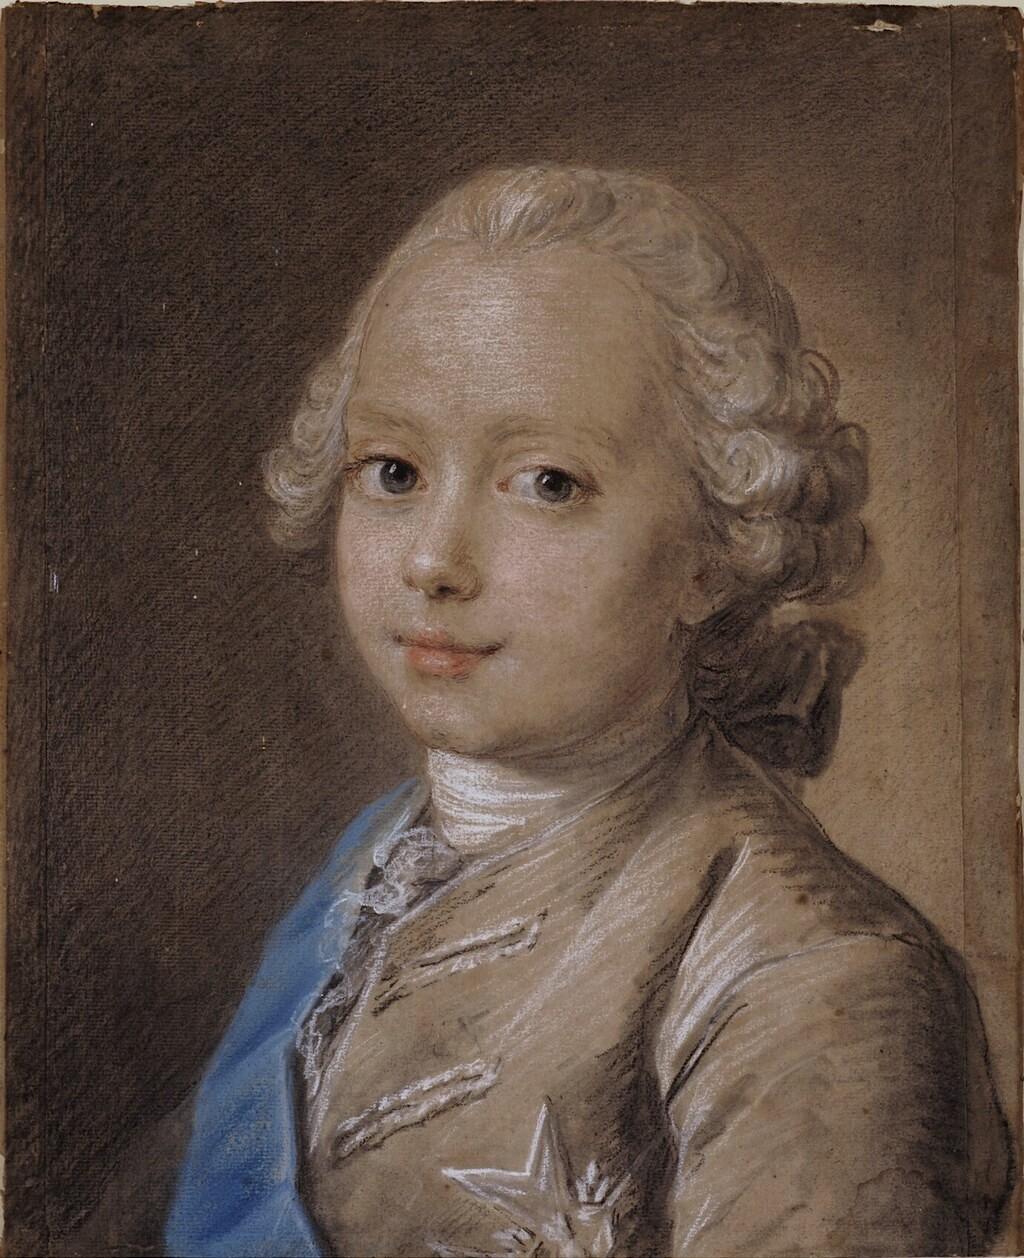 fredou - Portraits de Marie-Antoinette et de la famille royale, par Jean-Martial Frédou Duc_de13